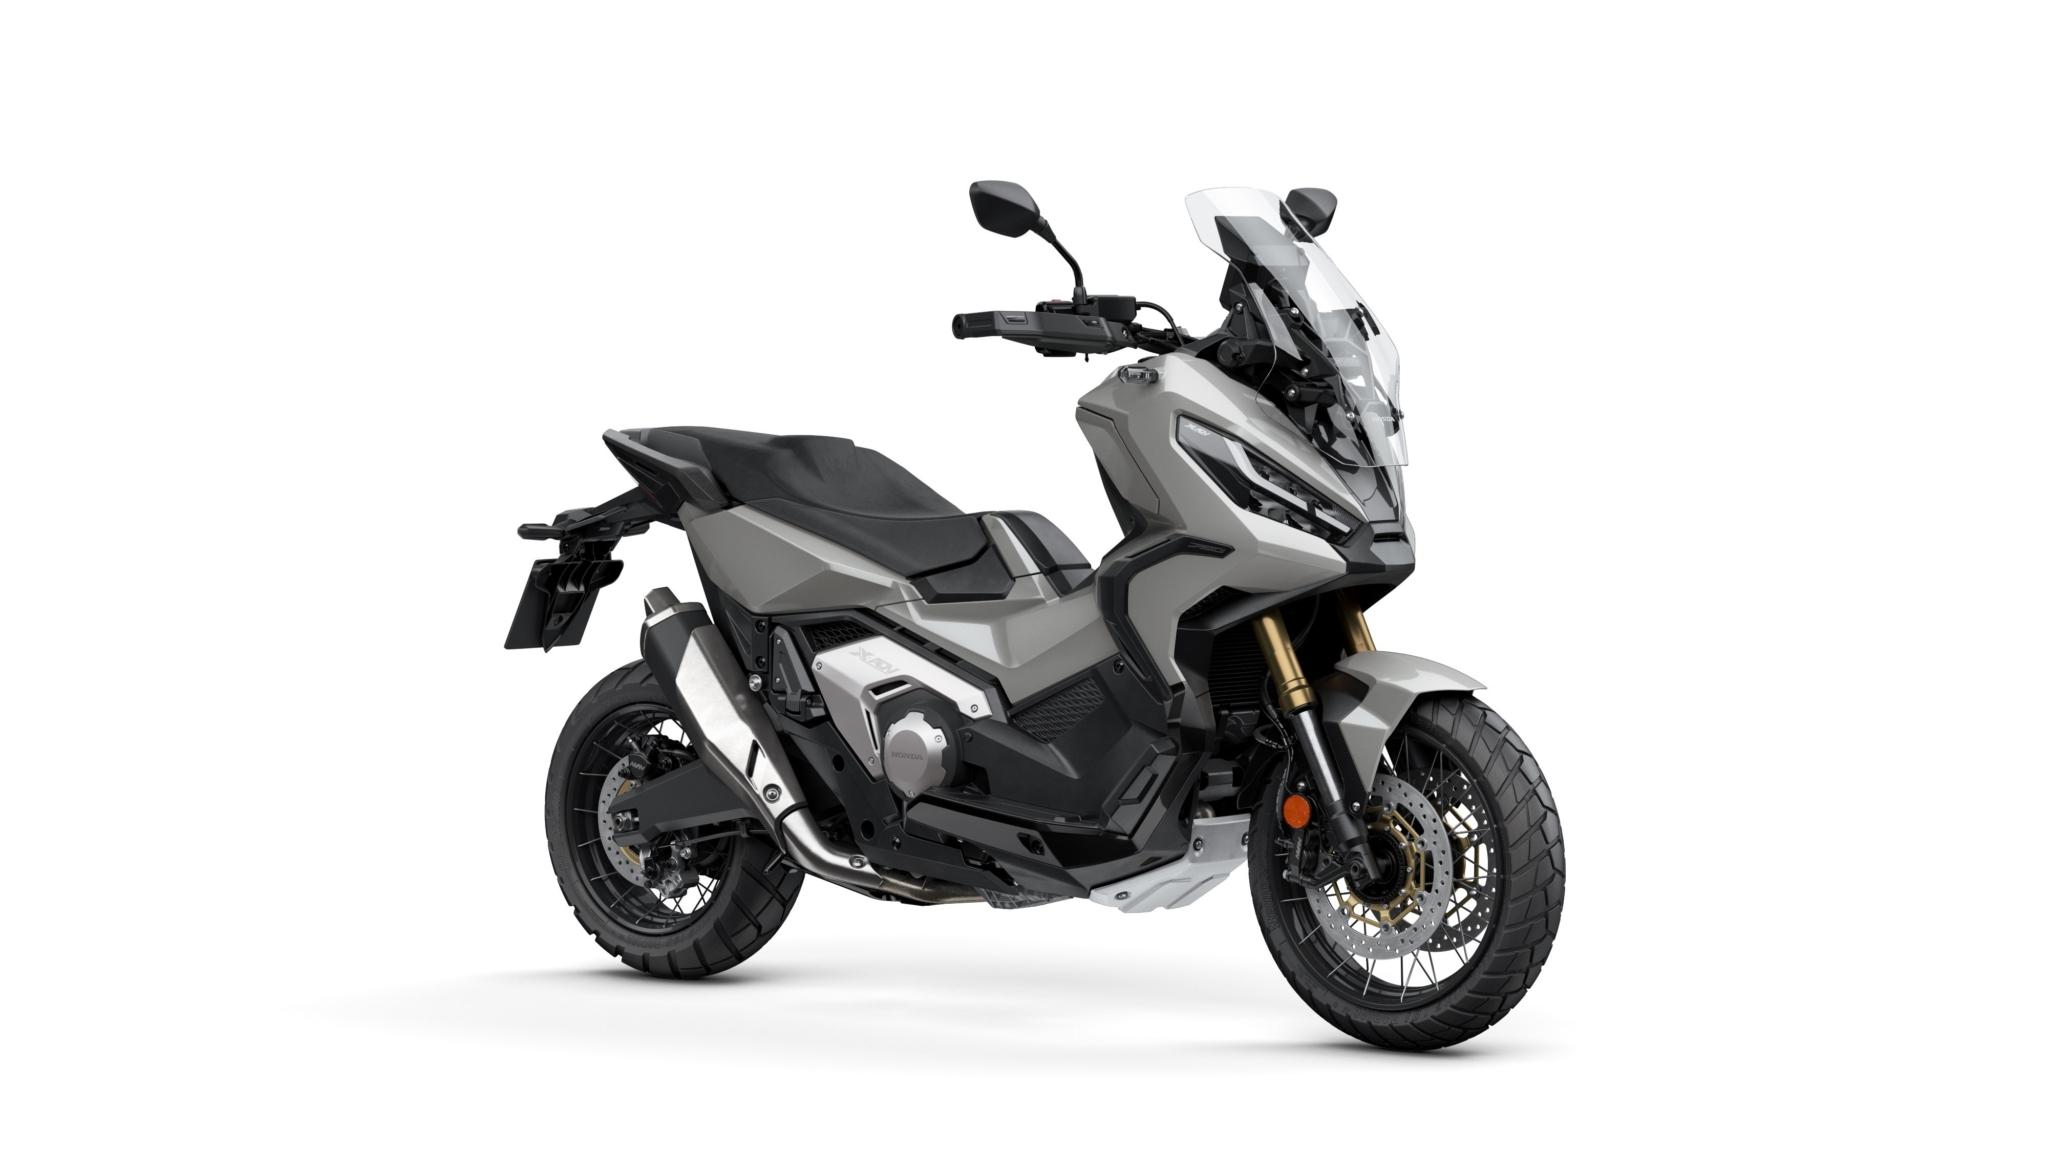 CBR1000RR-R Fireblade 2020 - Honda Keskus